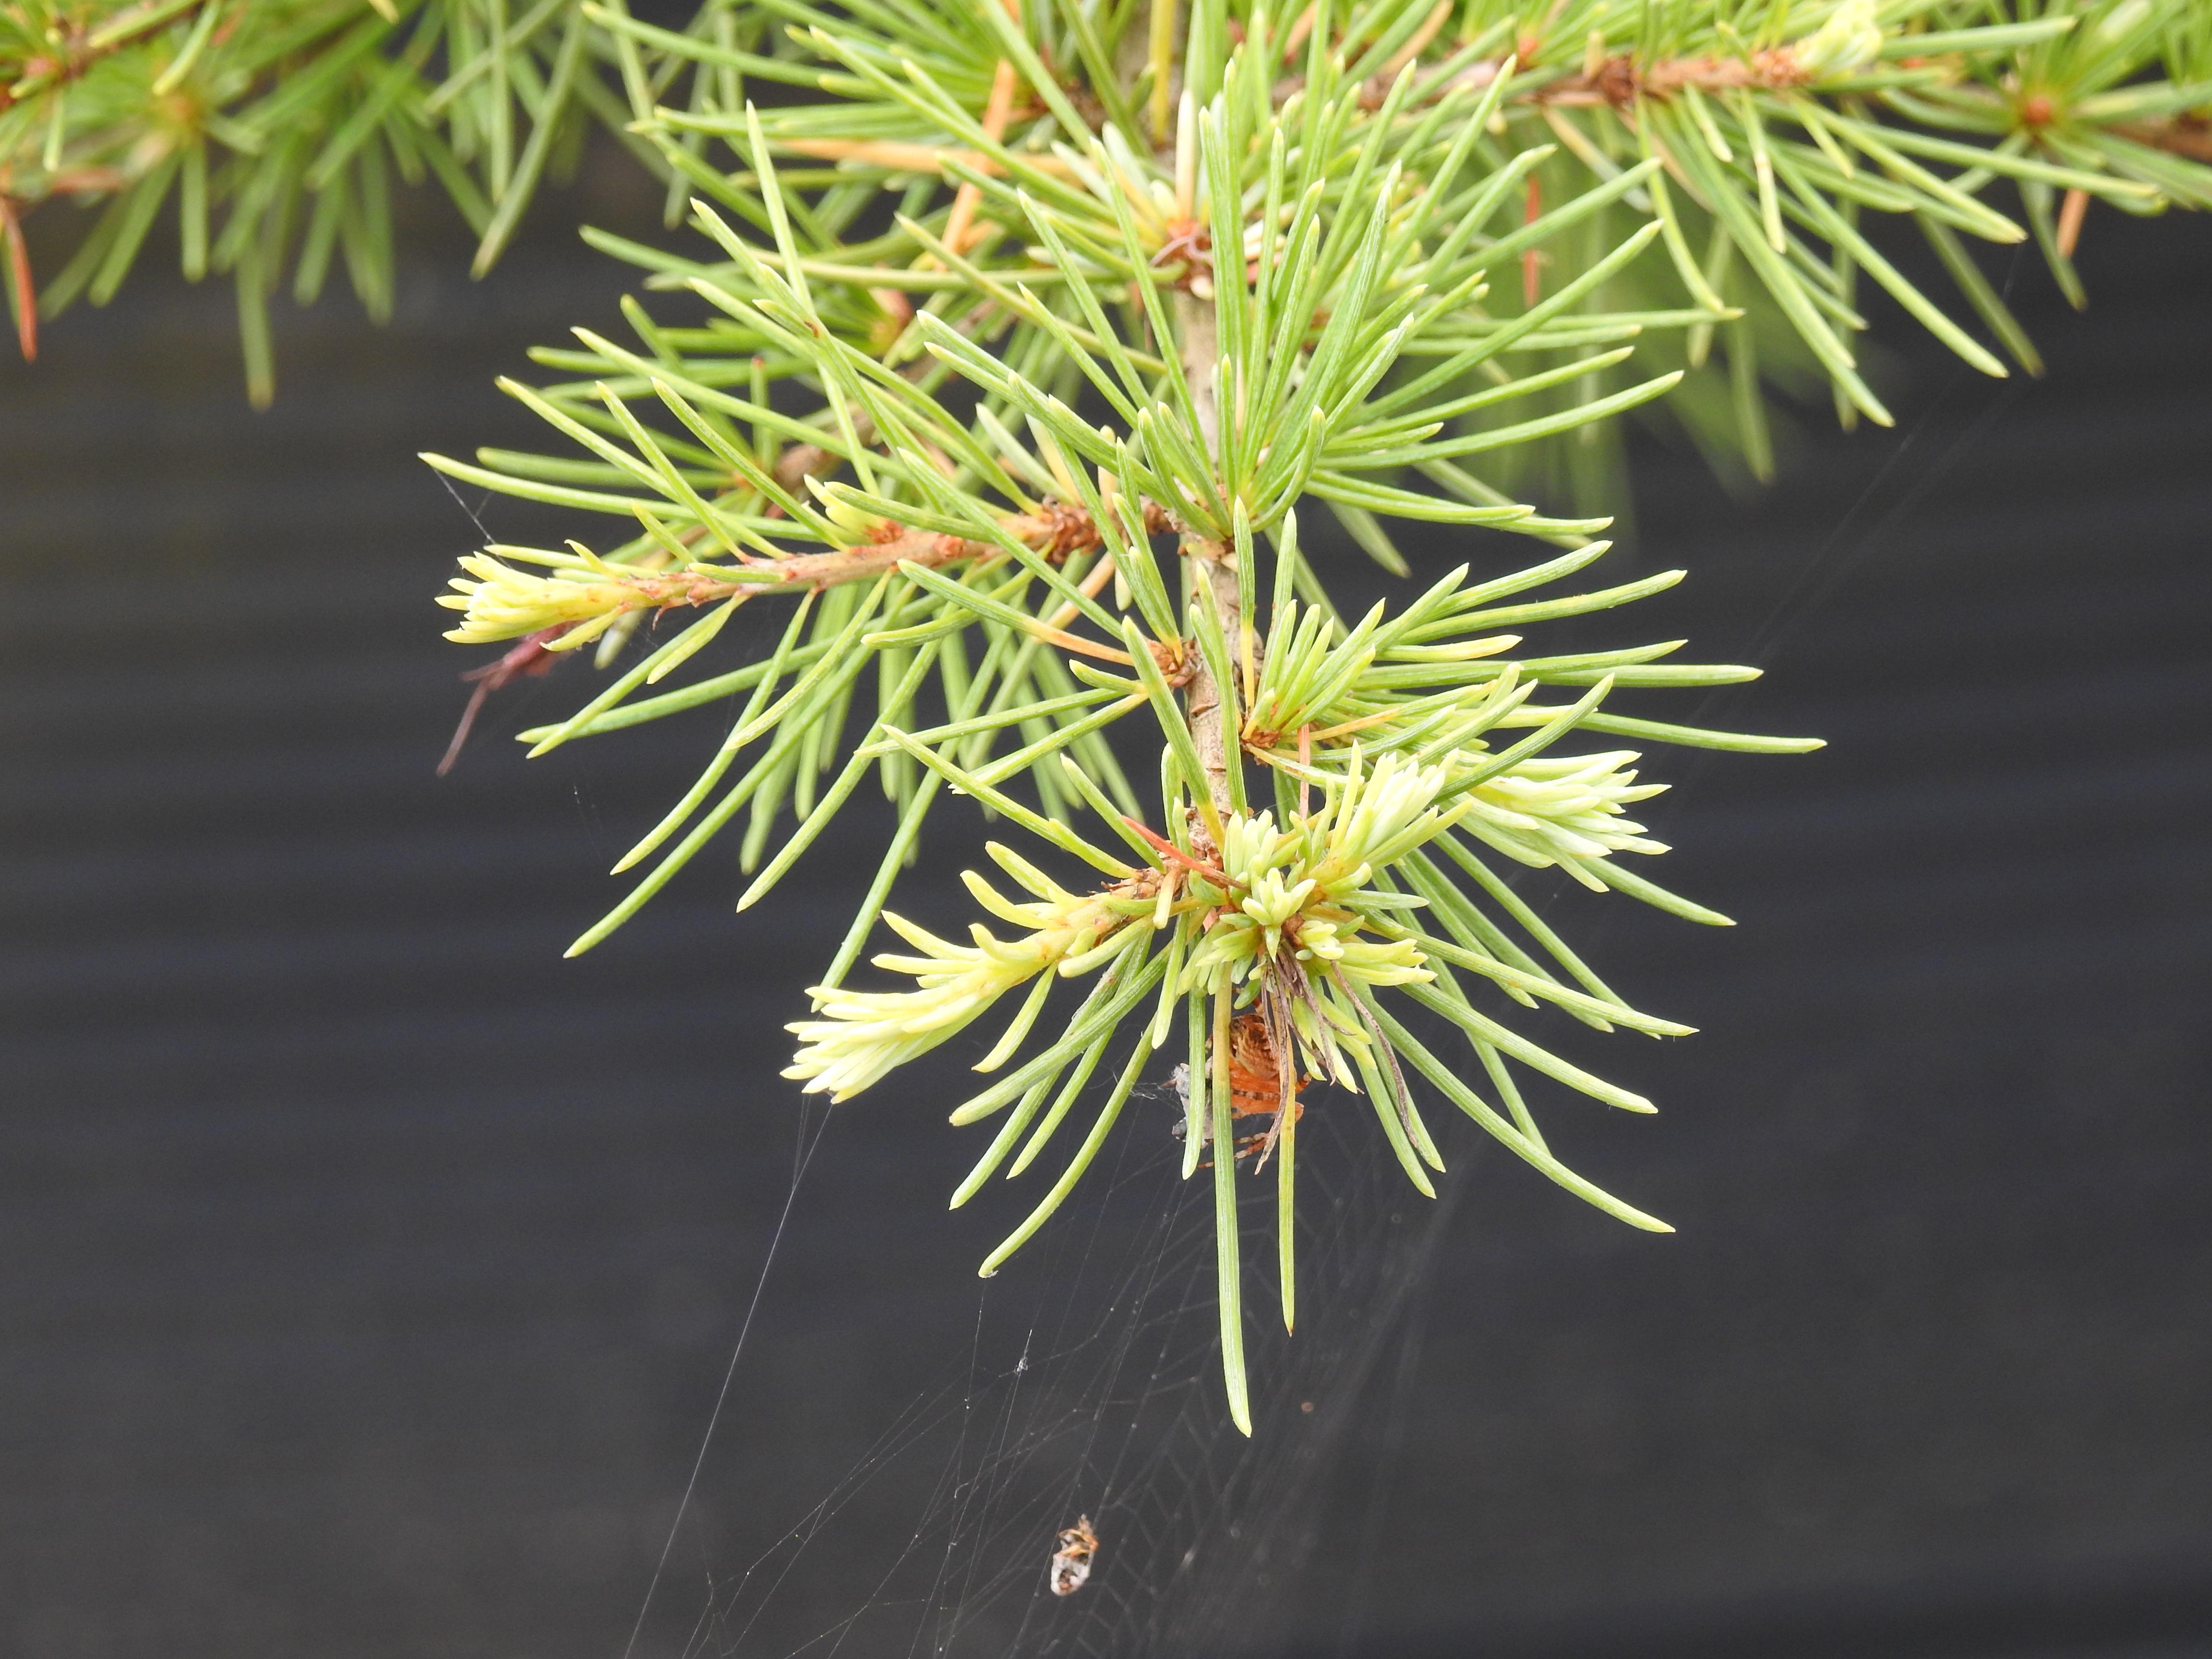 Kugelbaum immergr n swalif - Baum vorgarten immergrun ...